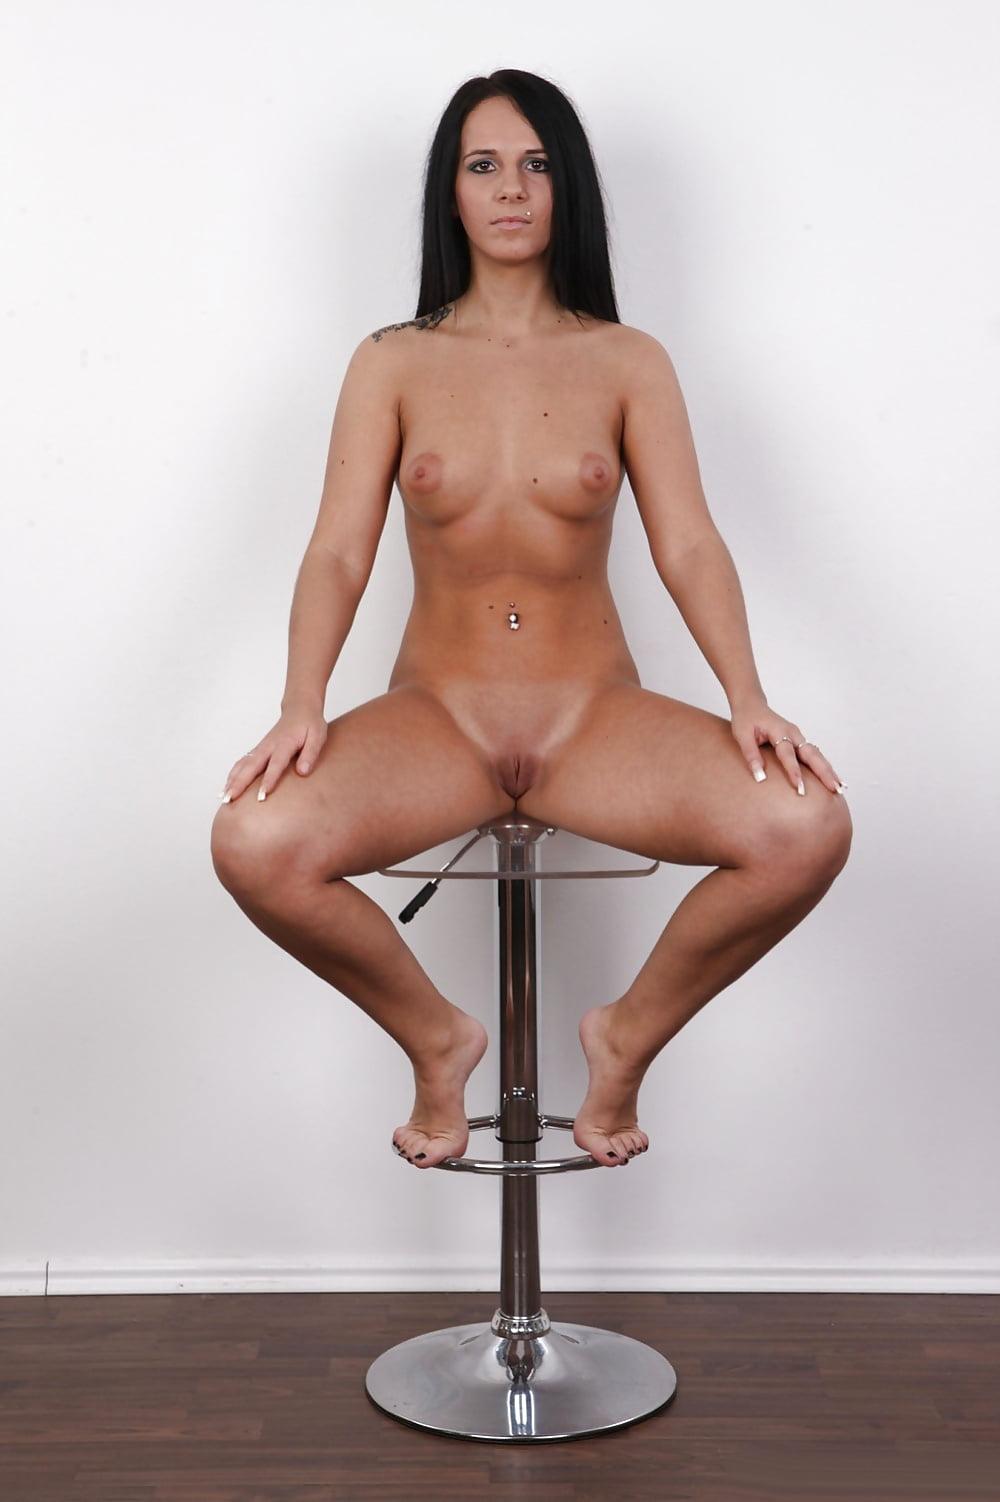 Зрелая порно кастинг чешский актрис порно нижнее белье эро